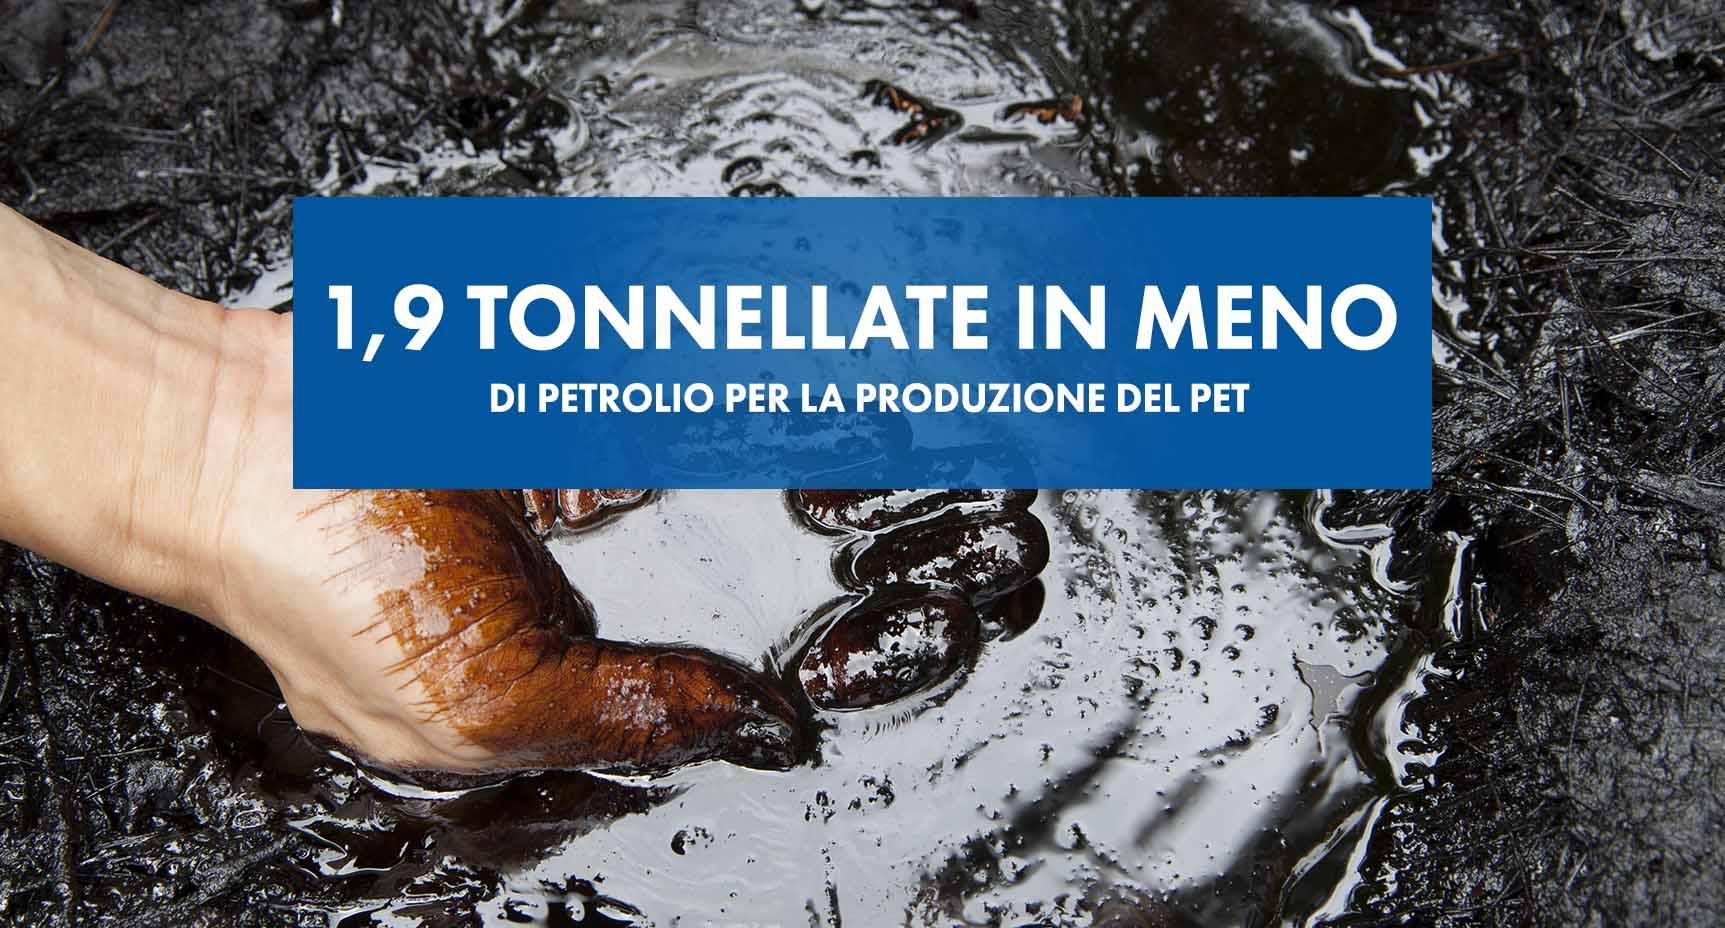 Plastic-free-water-tonnellate_in_meno_di_petrolio